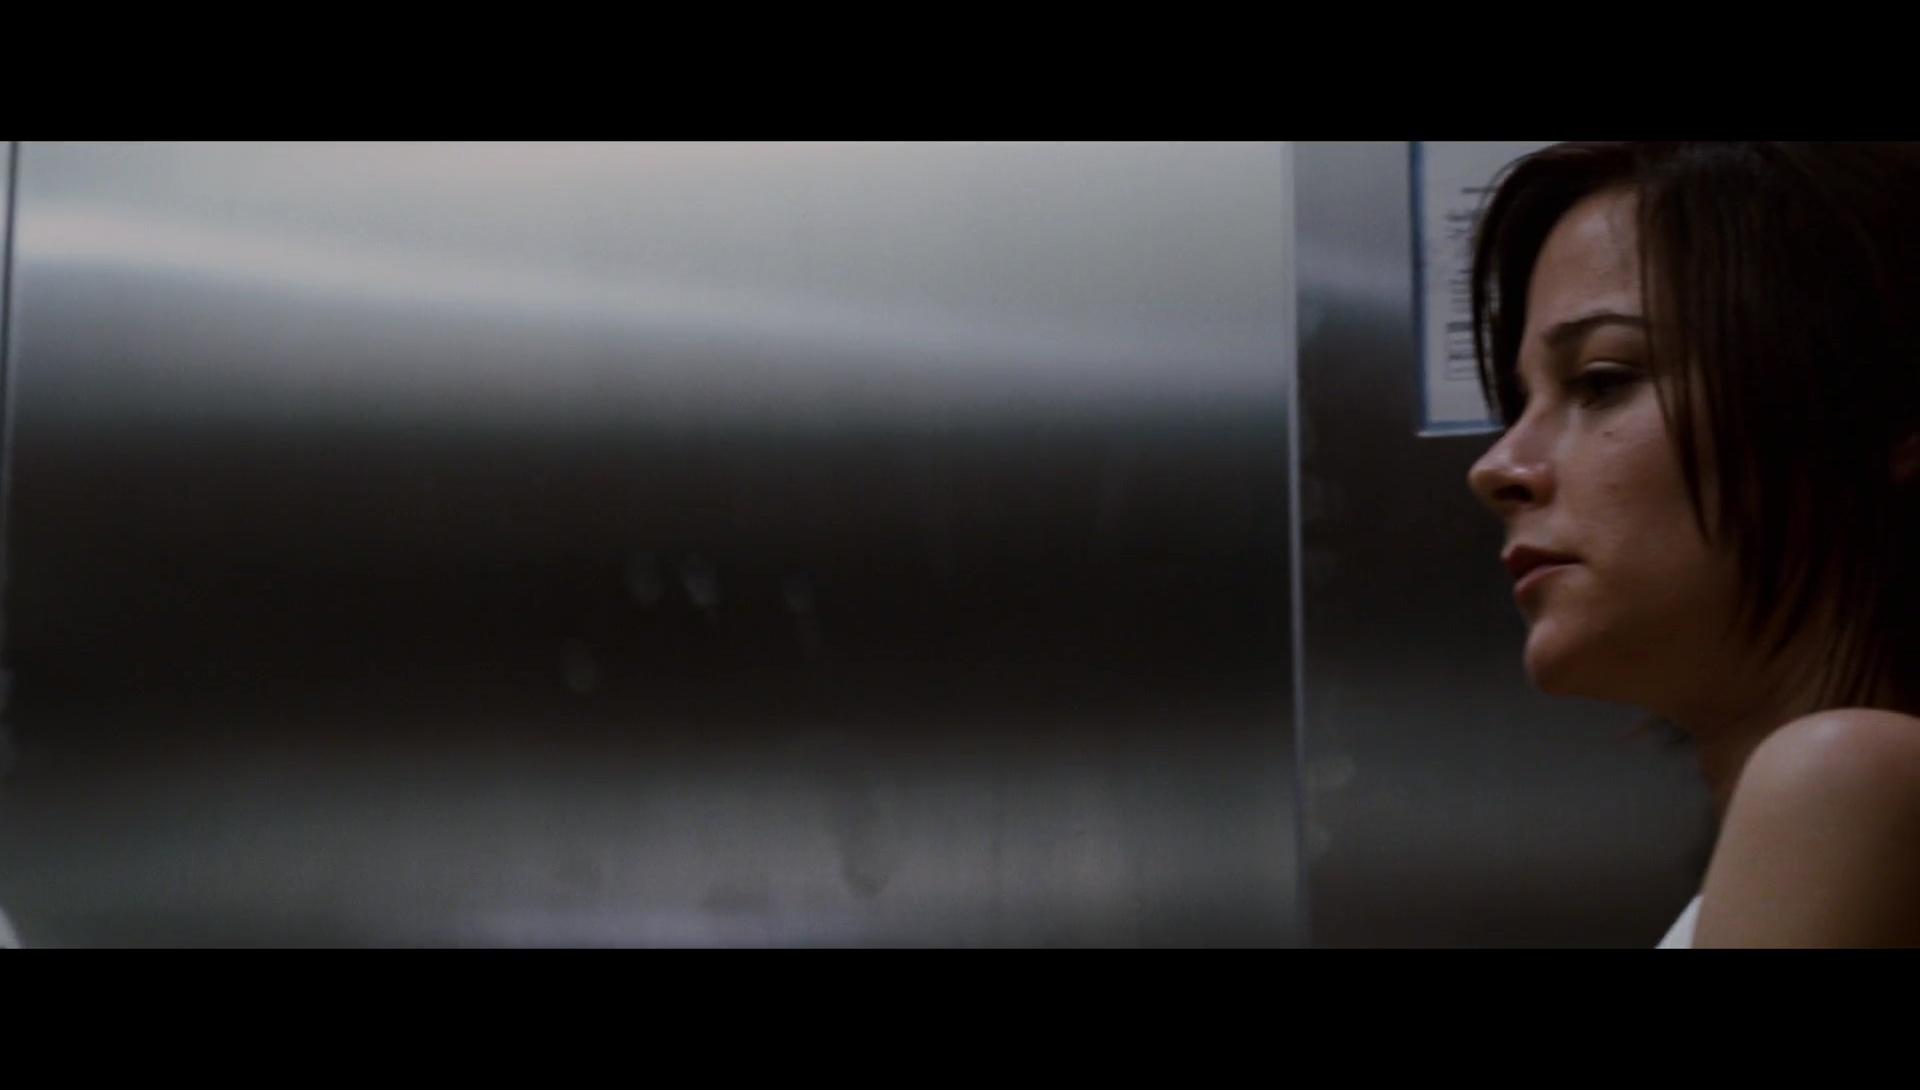 La Reunion Del Diablo 1080p Lat-Cast-Ing 5.1 (2010)